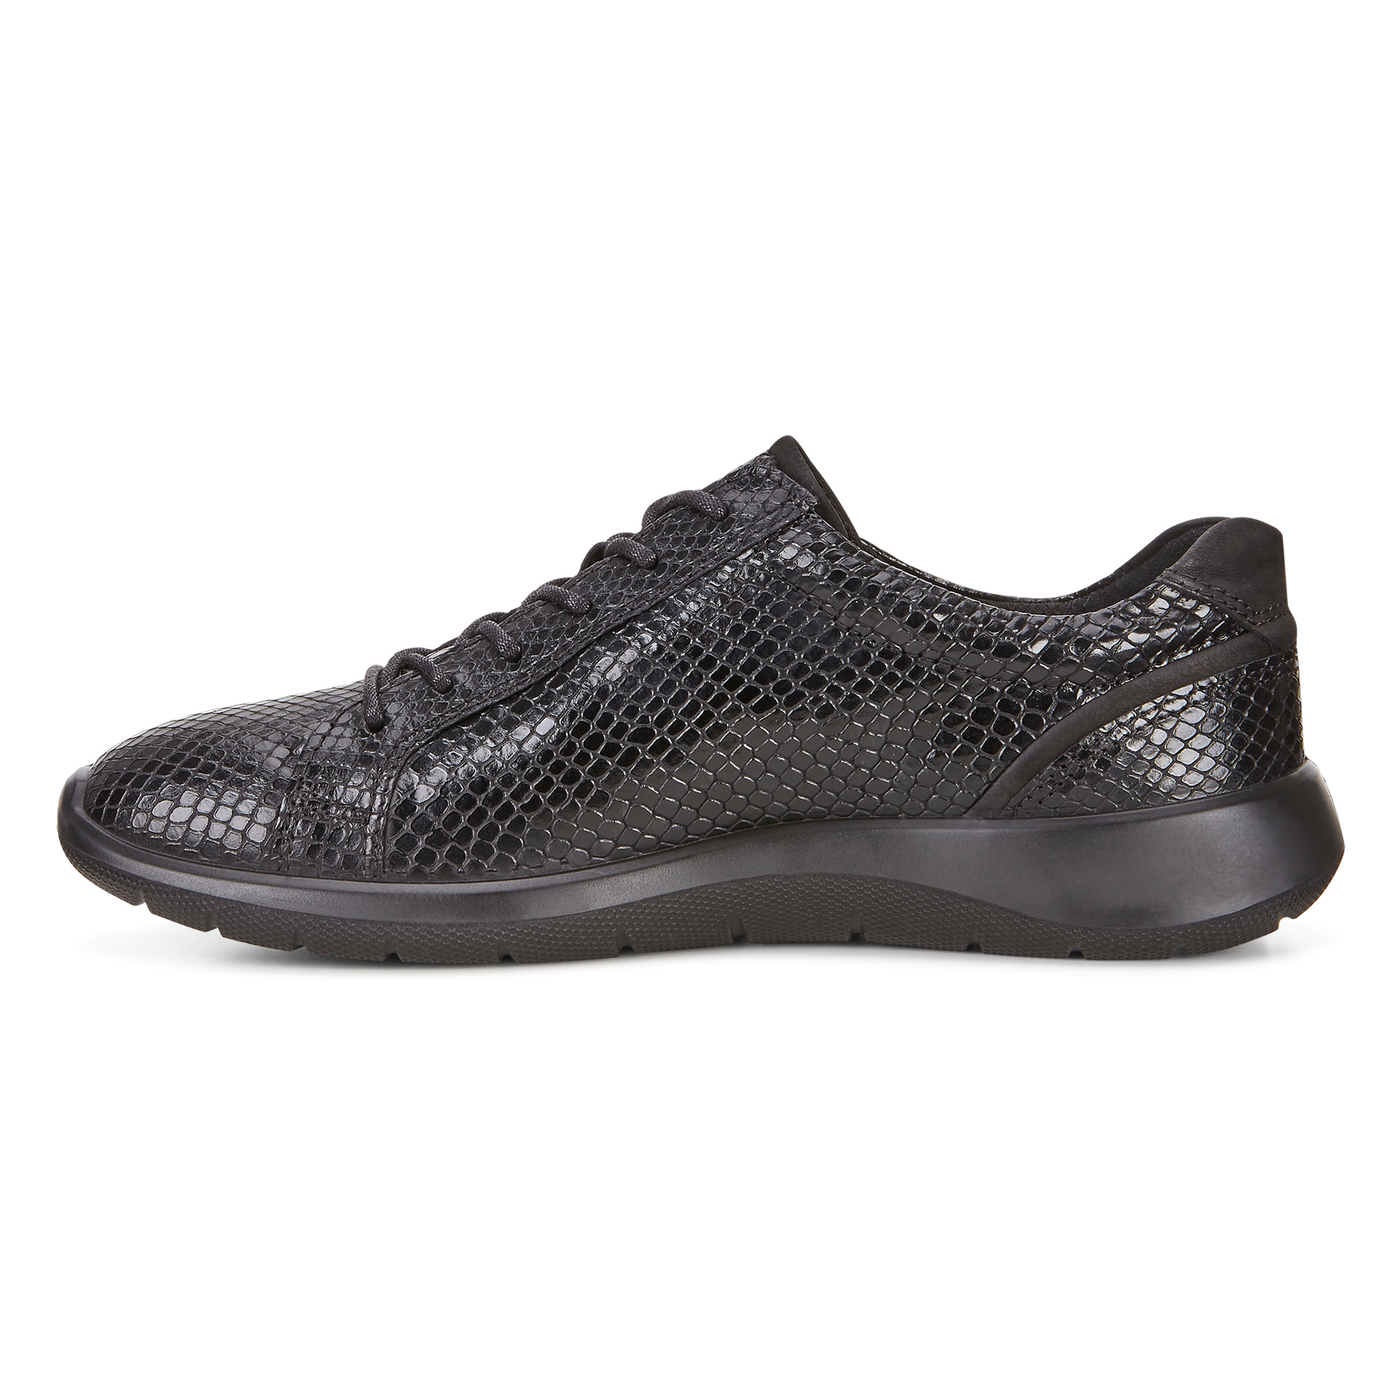 ECCO Soft 5 Side Zip Sneaker